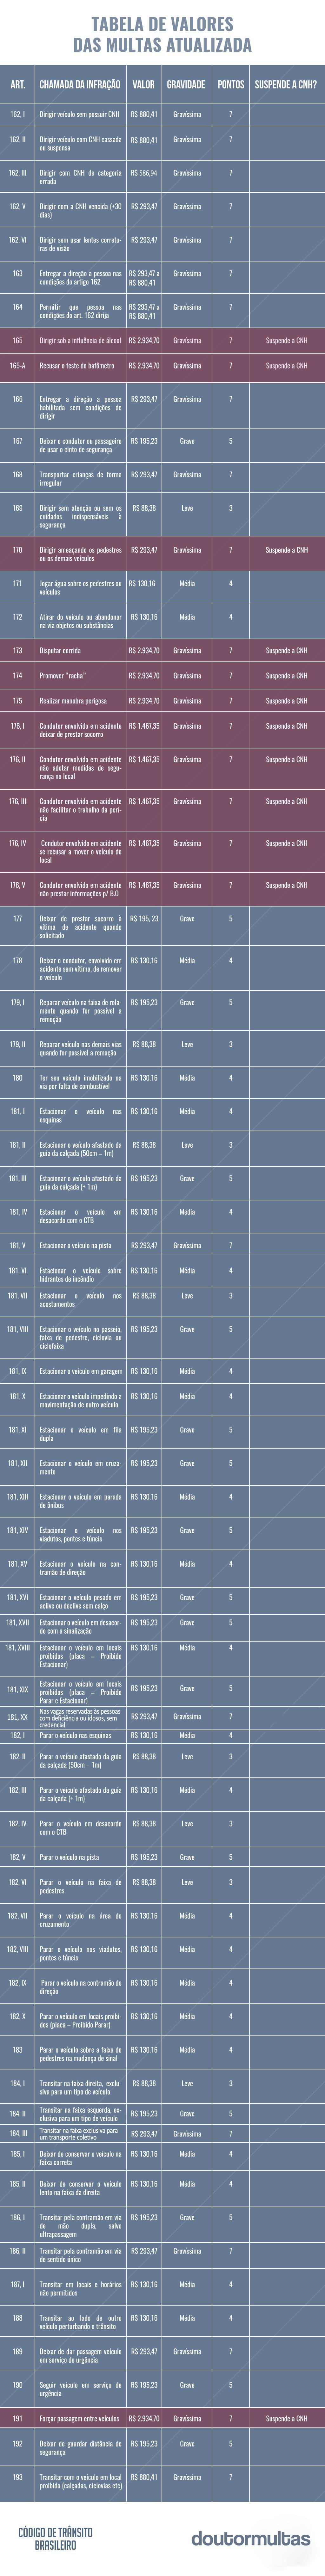 tabela de multas atualizada 1